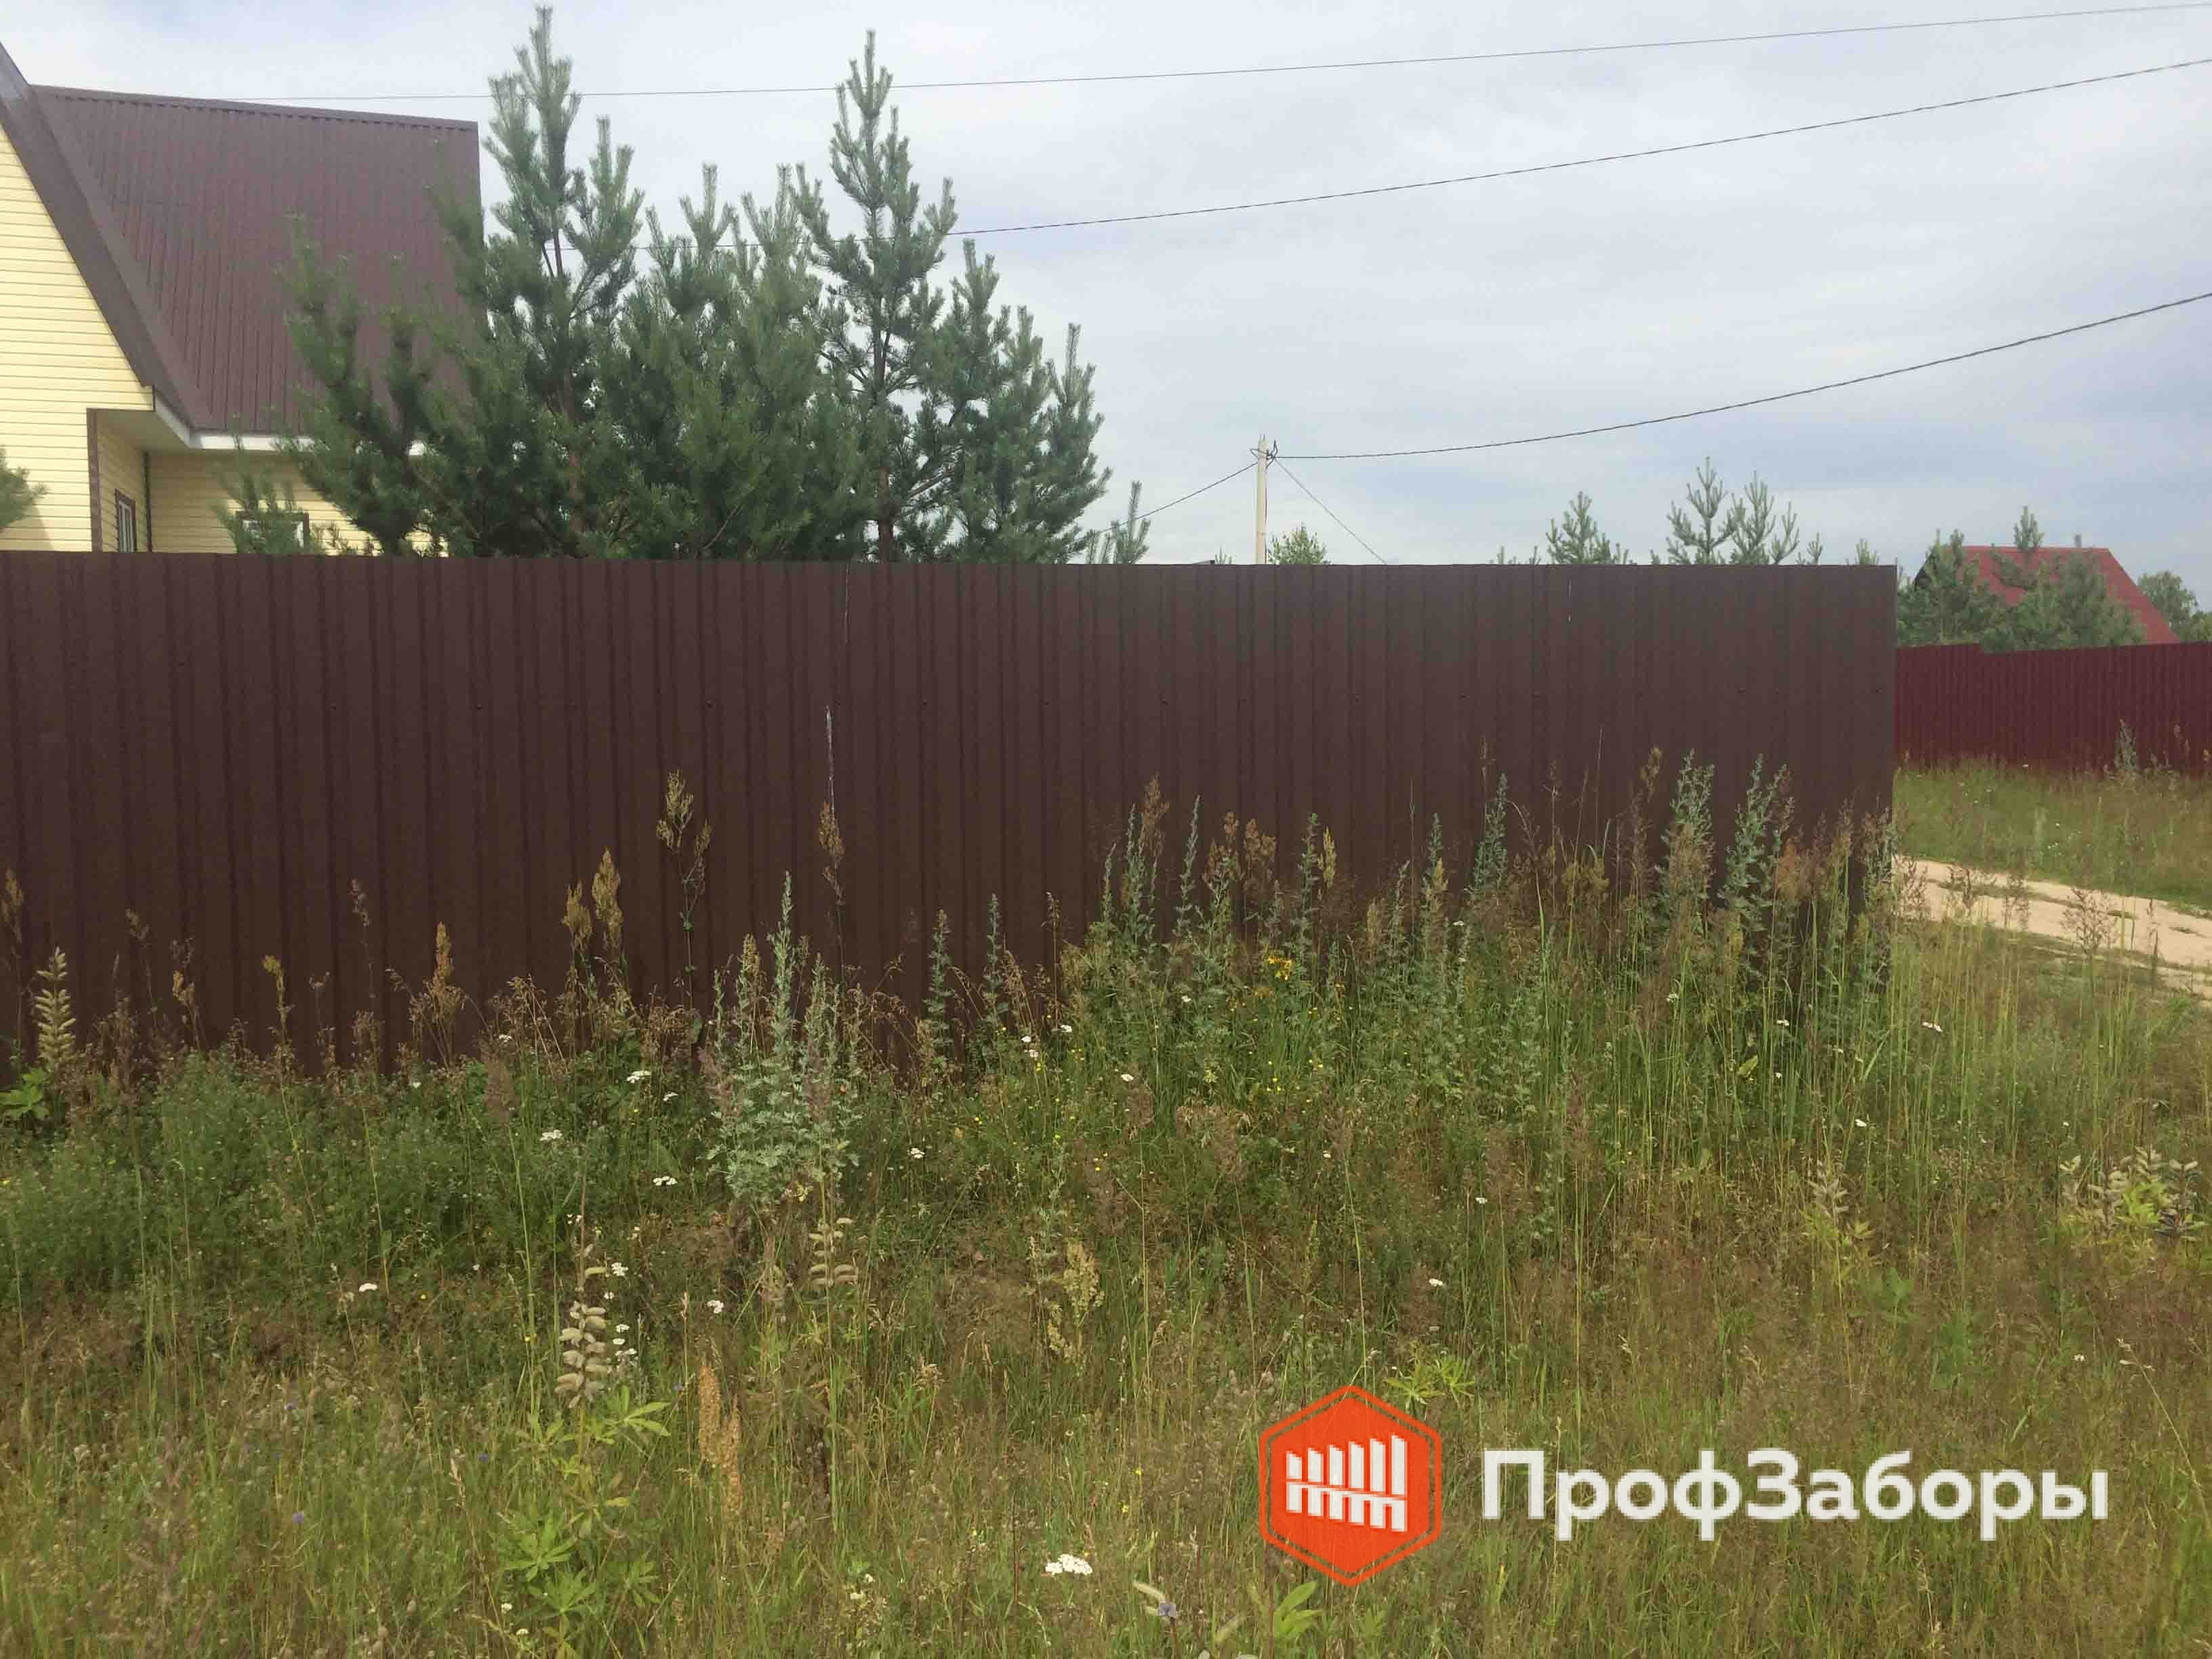 Заборы Из профнастила  - Посёлок Дорохово. Фото 3